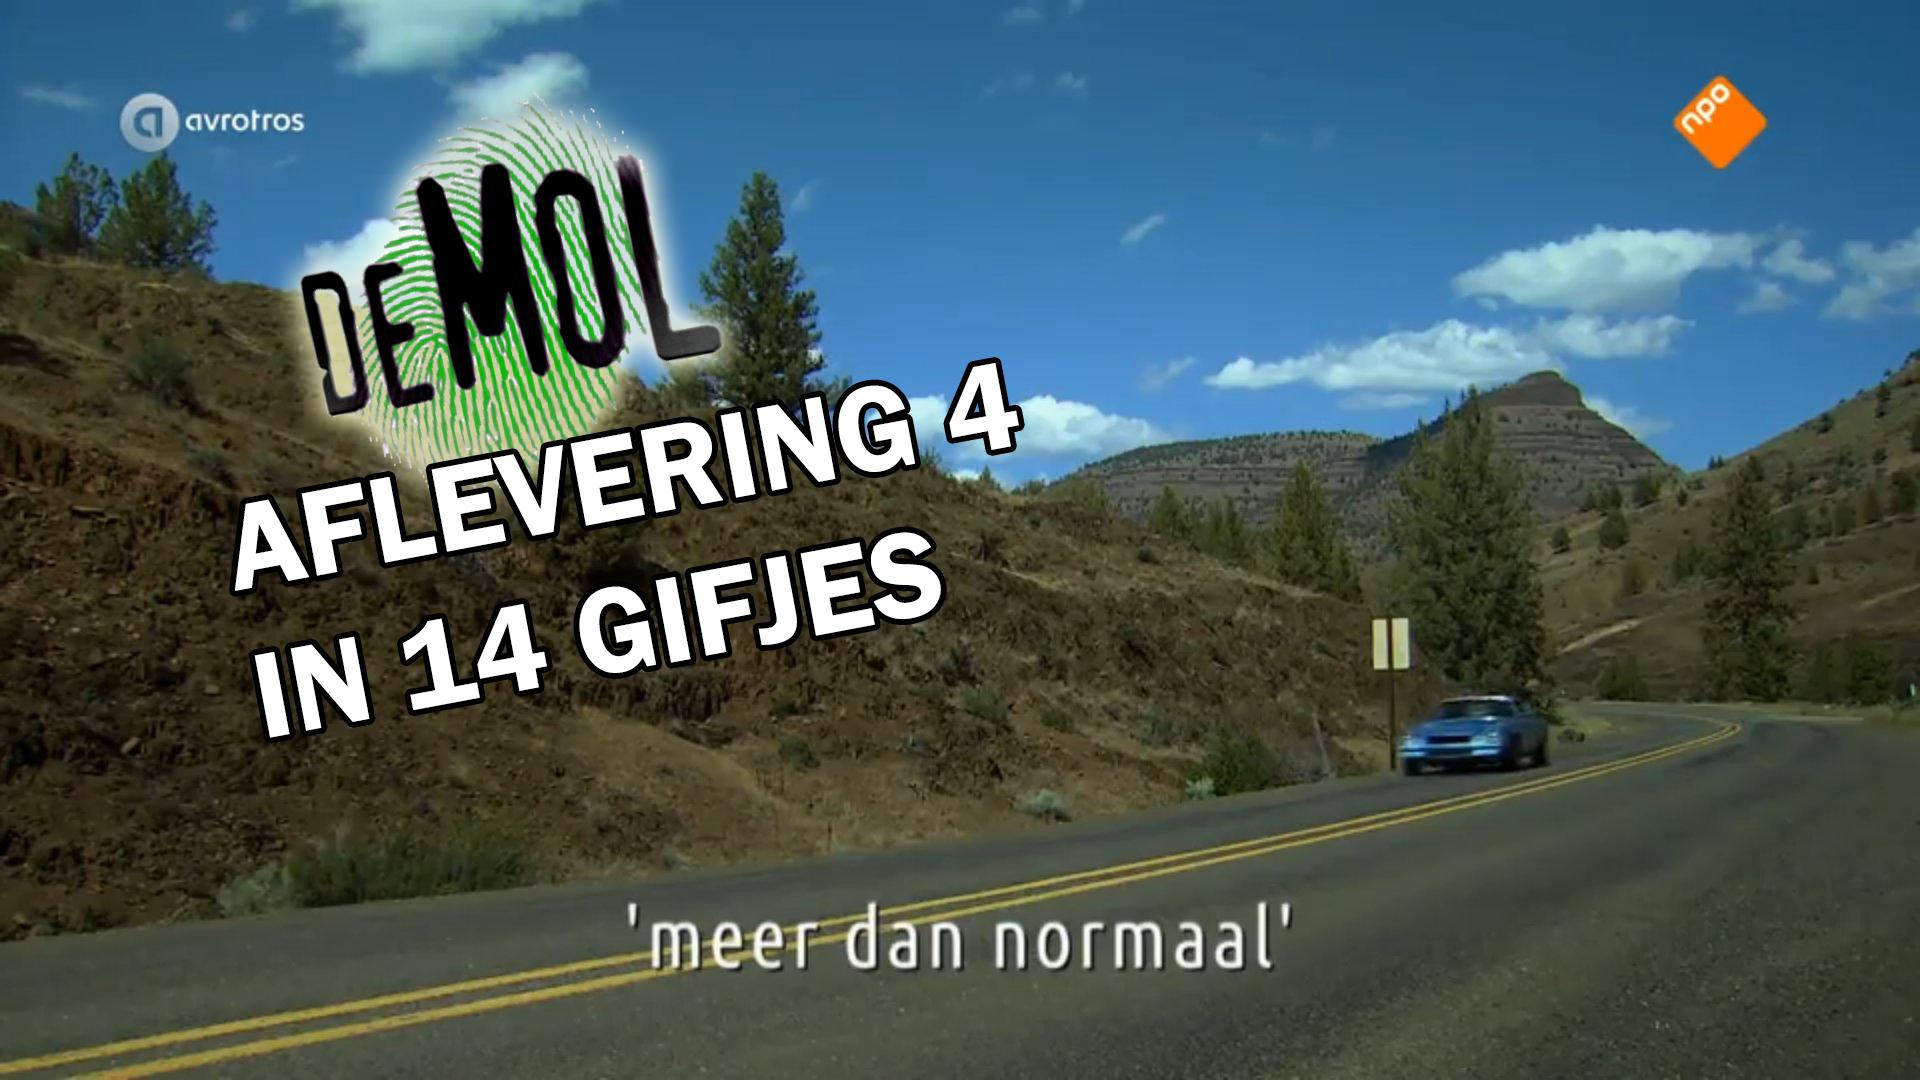 aflevering 4 » 3e aflevering rtl7 scandinavian road trip | wij rijden om de wensambulance te laten rijden.